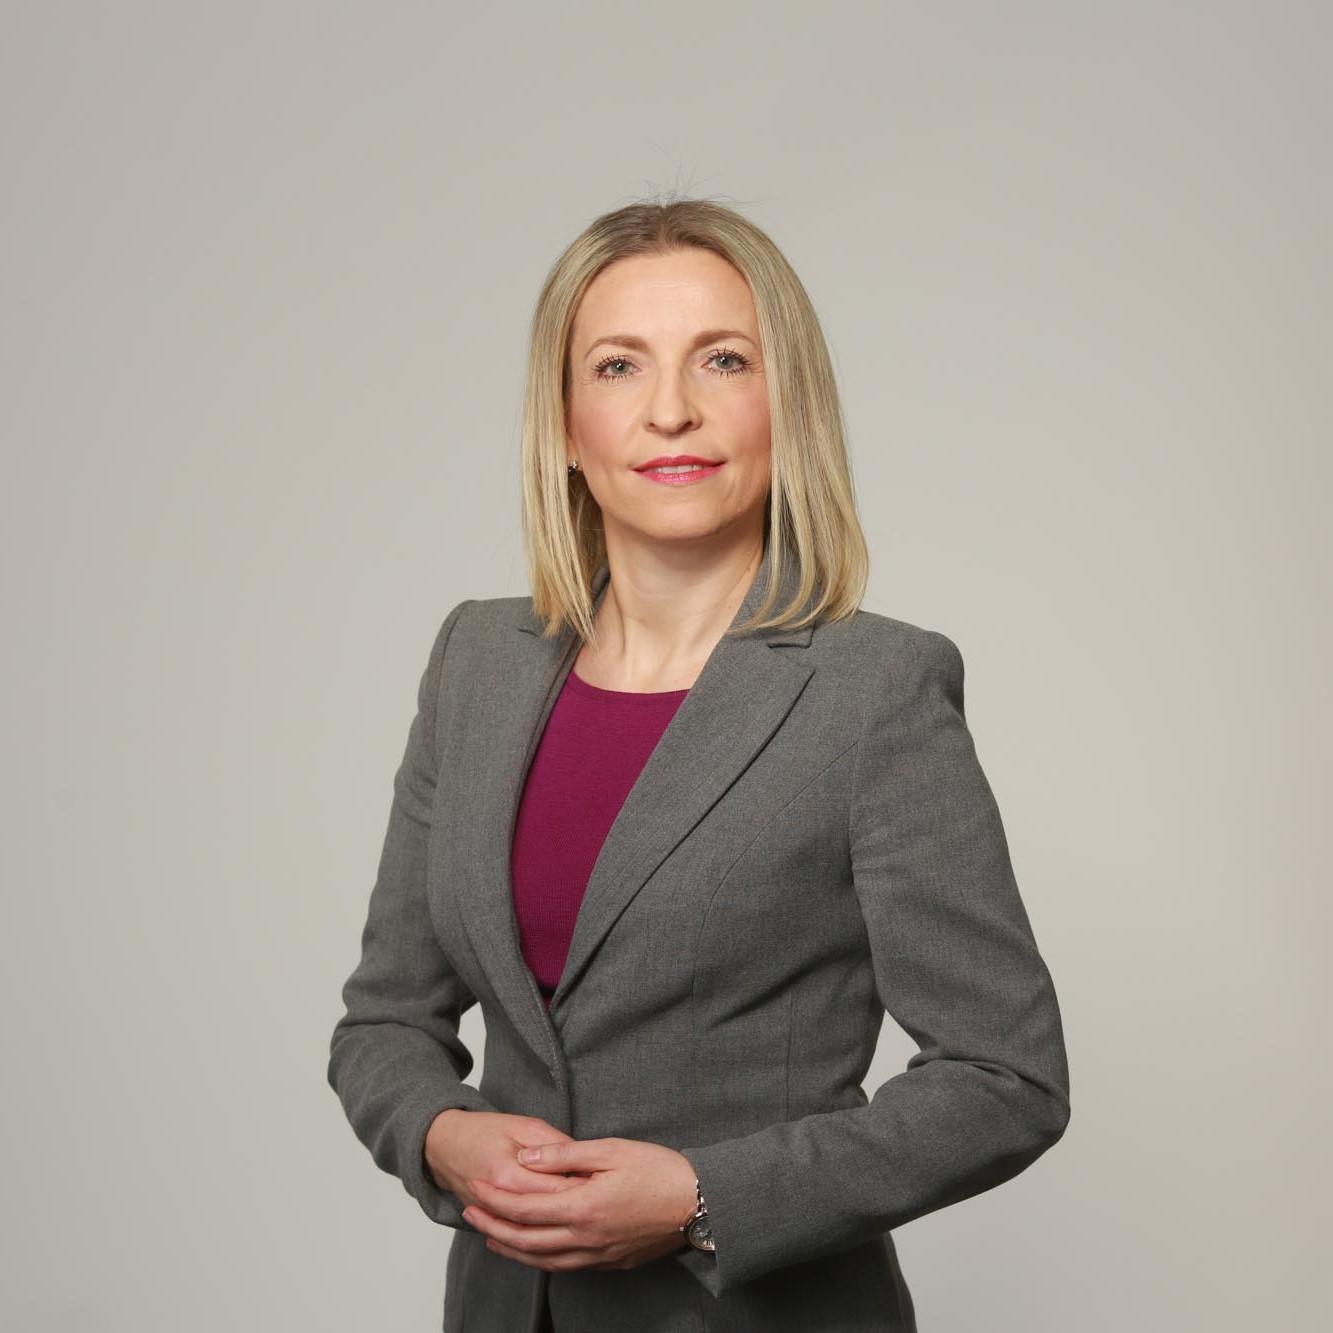 Agnieszka Kręciszewska